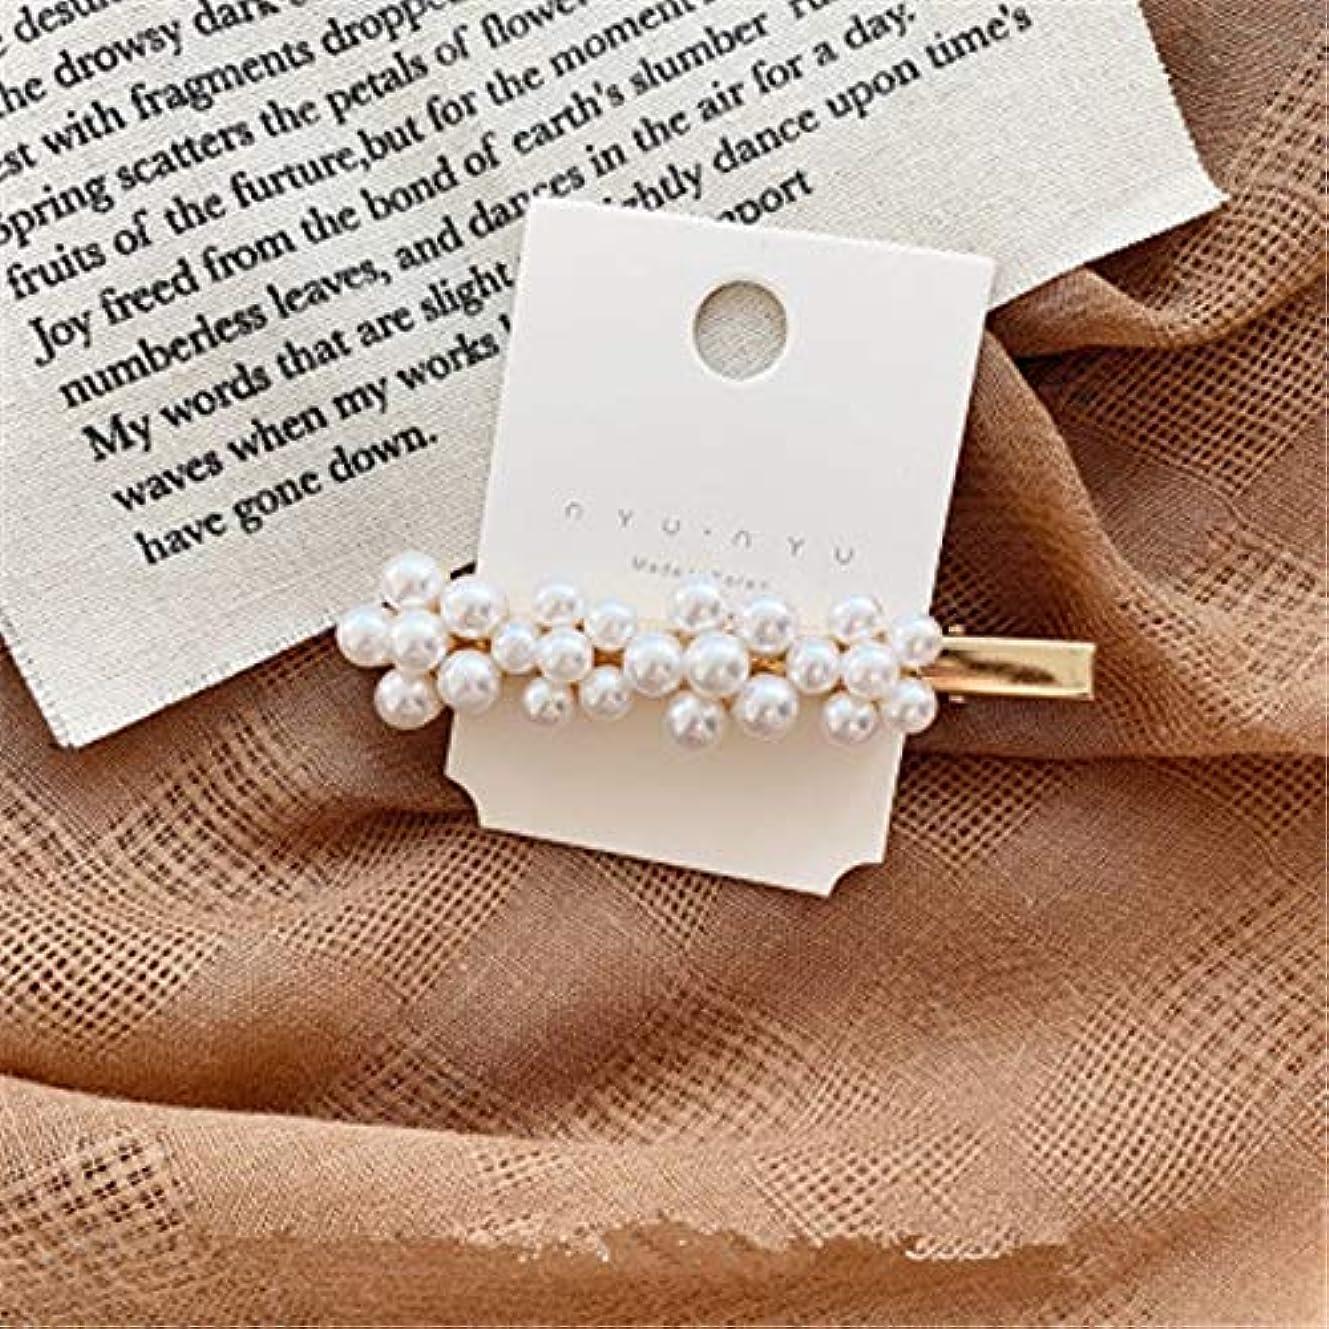 栄光の透けるクーポンHairpinheair Yhm模造真珠の花ヘアピンヴィンテージロングバレットヘアクリップクリスタルメタルヘアアクセサリーヘアグリップ (色 : Color3)